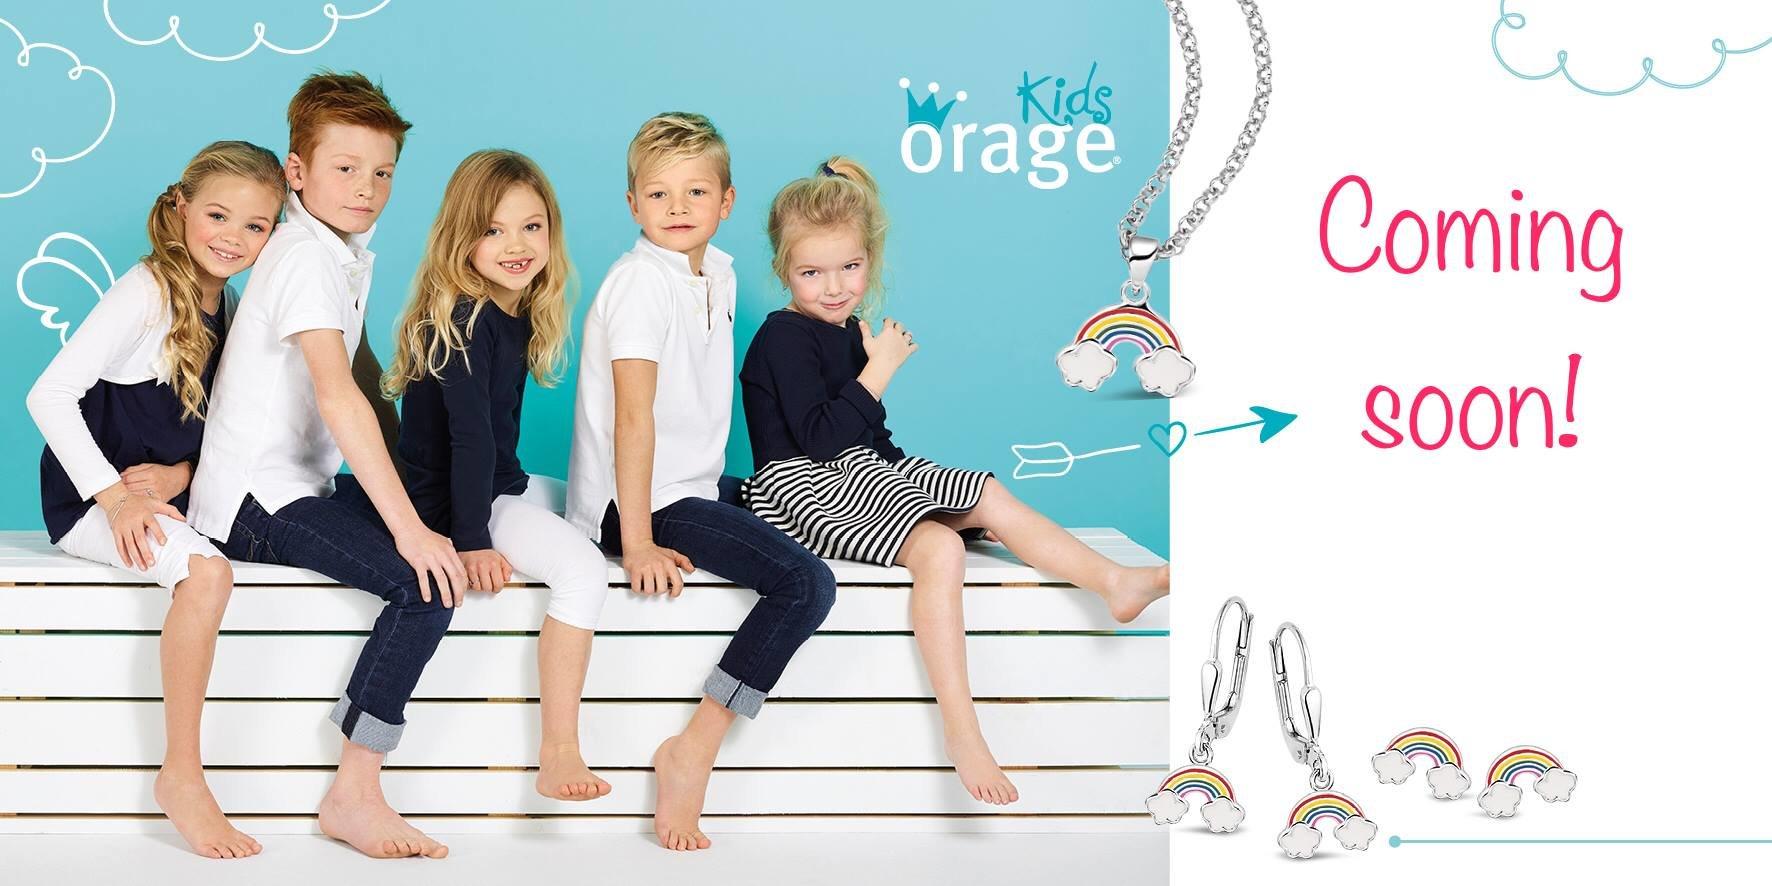 Orage-Kids-&-teenZ